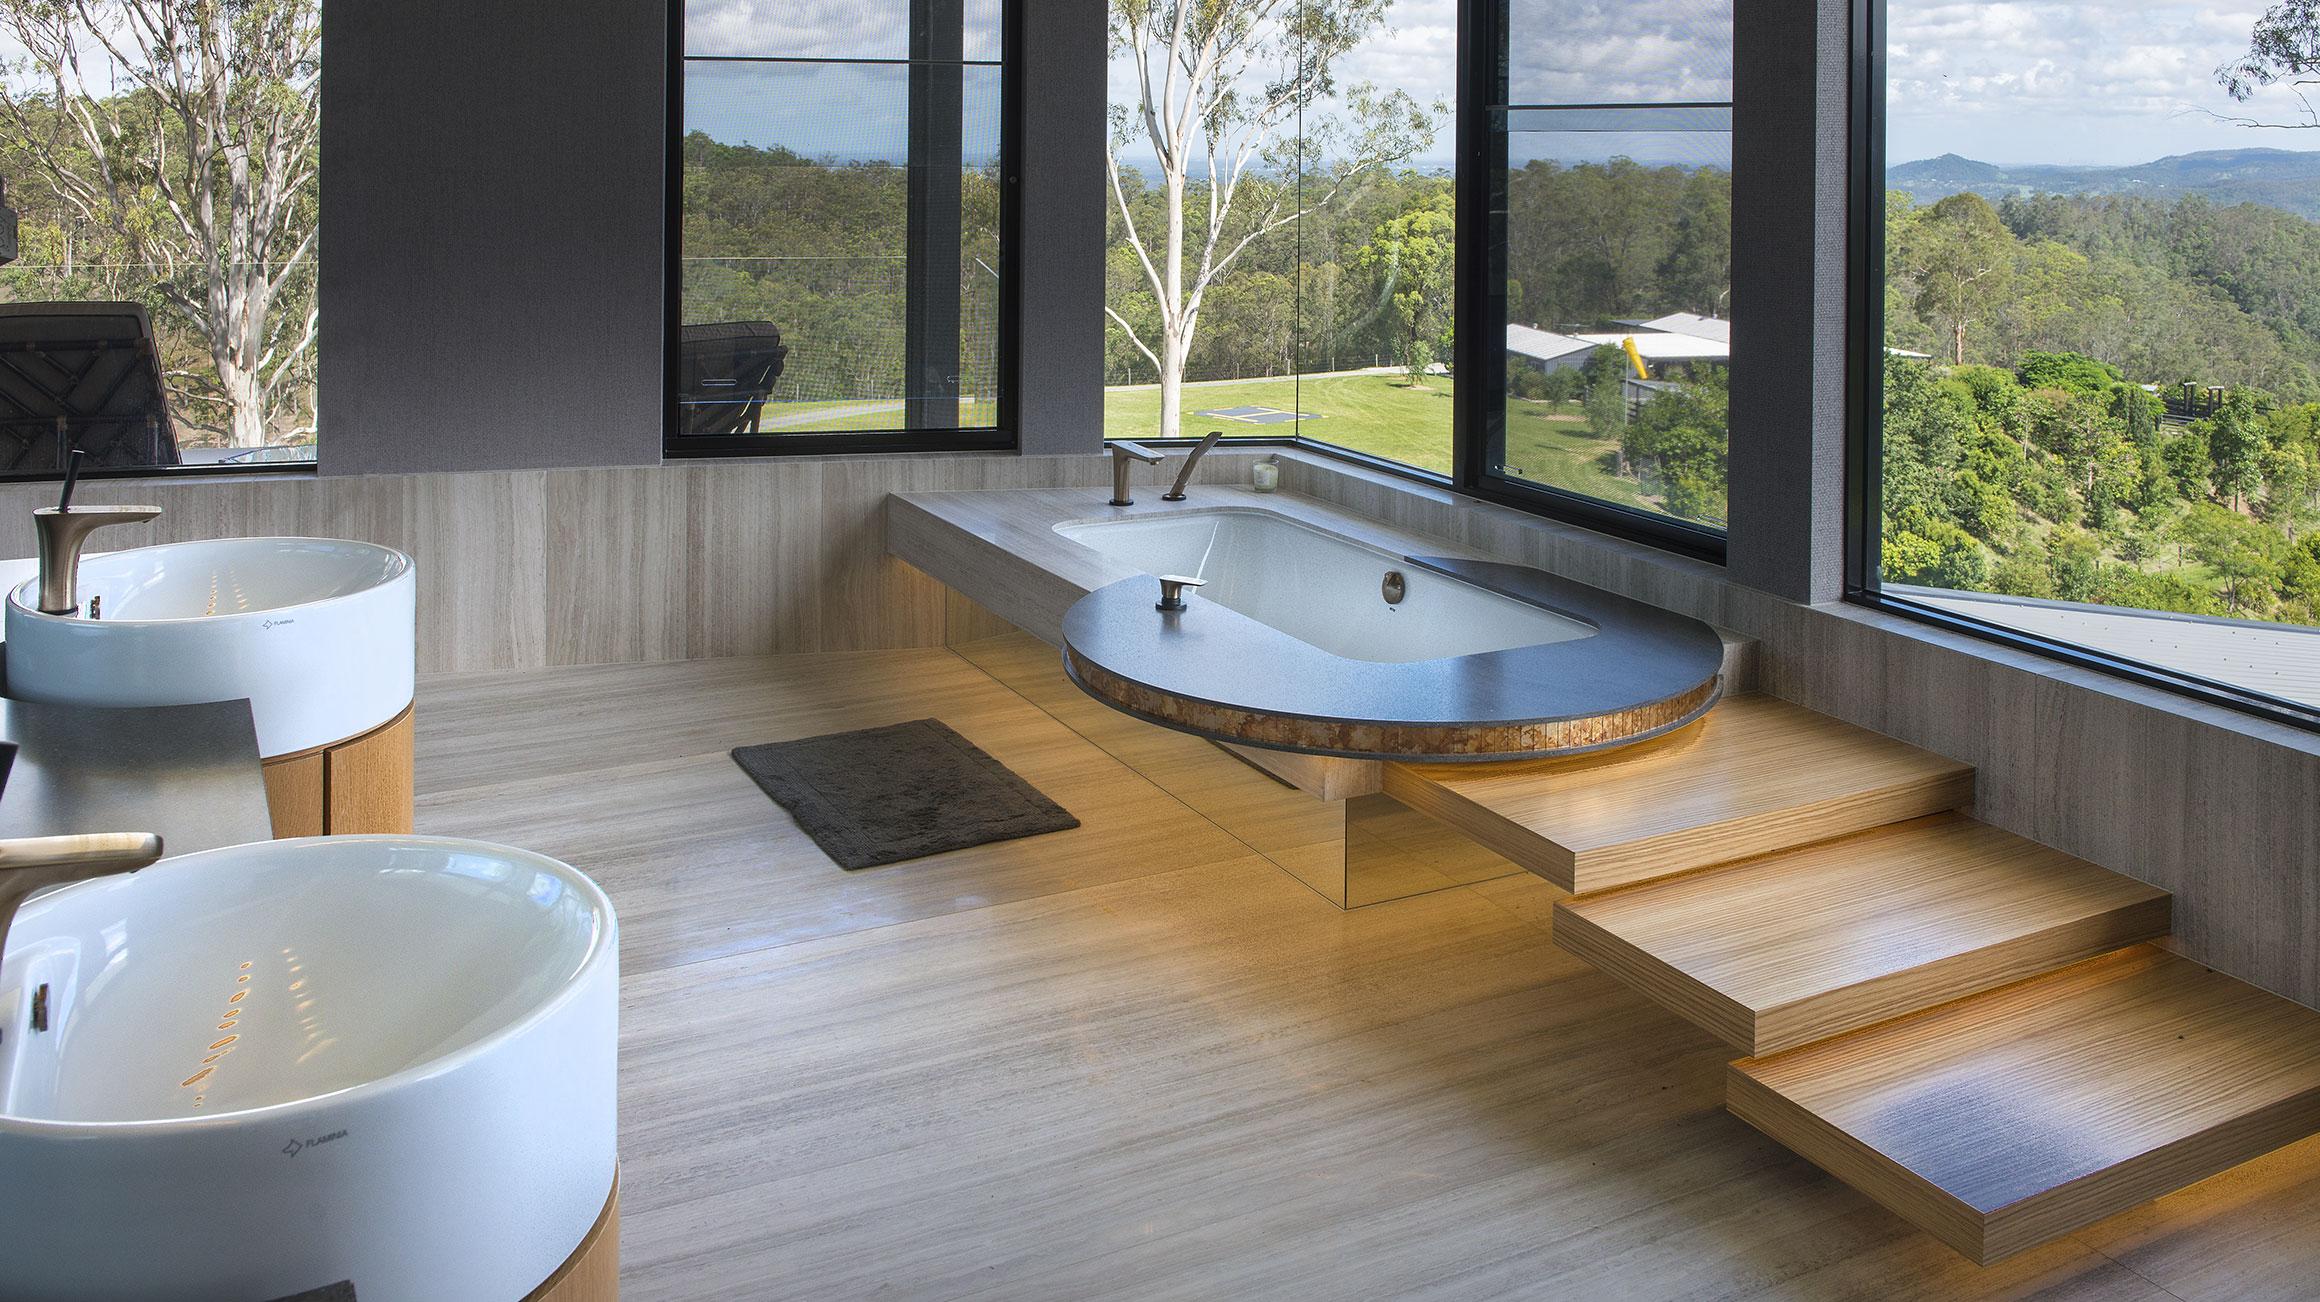 Interieur Natuur Badkamer : Avant gardistische badkamer geïnspireerd op de natuur hansgrohe be